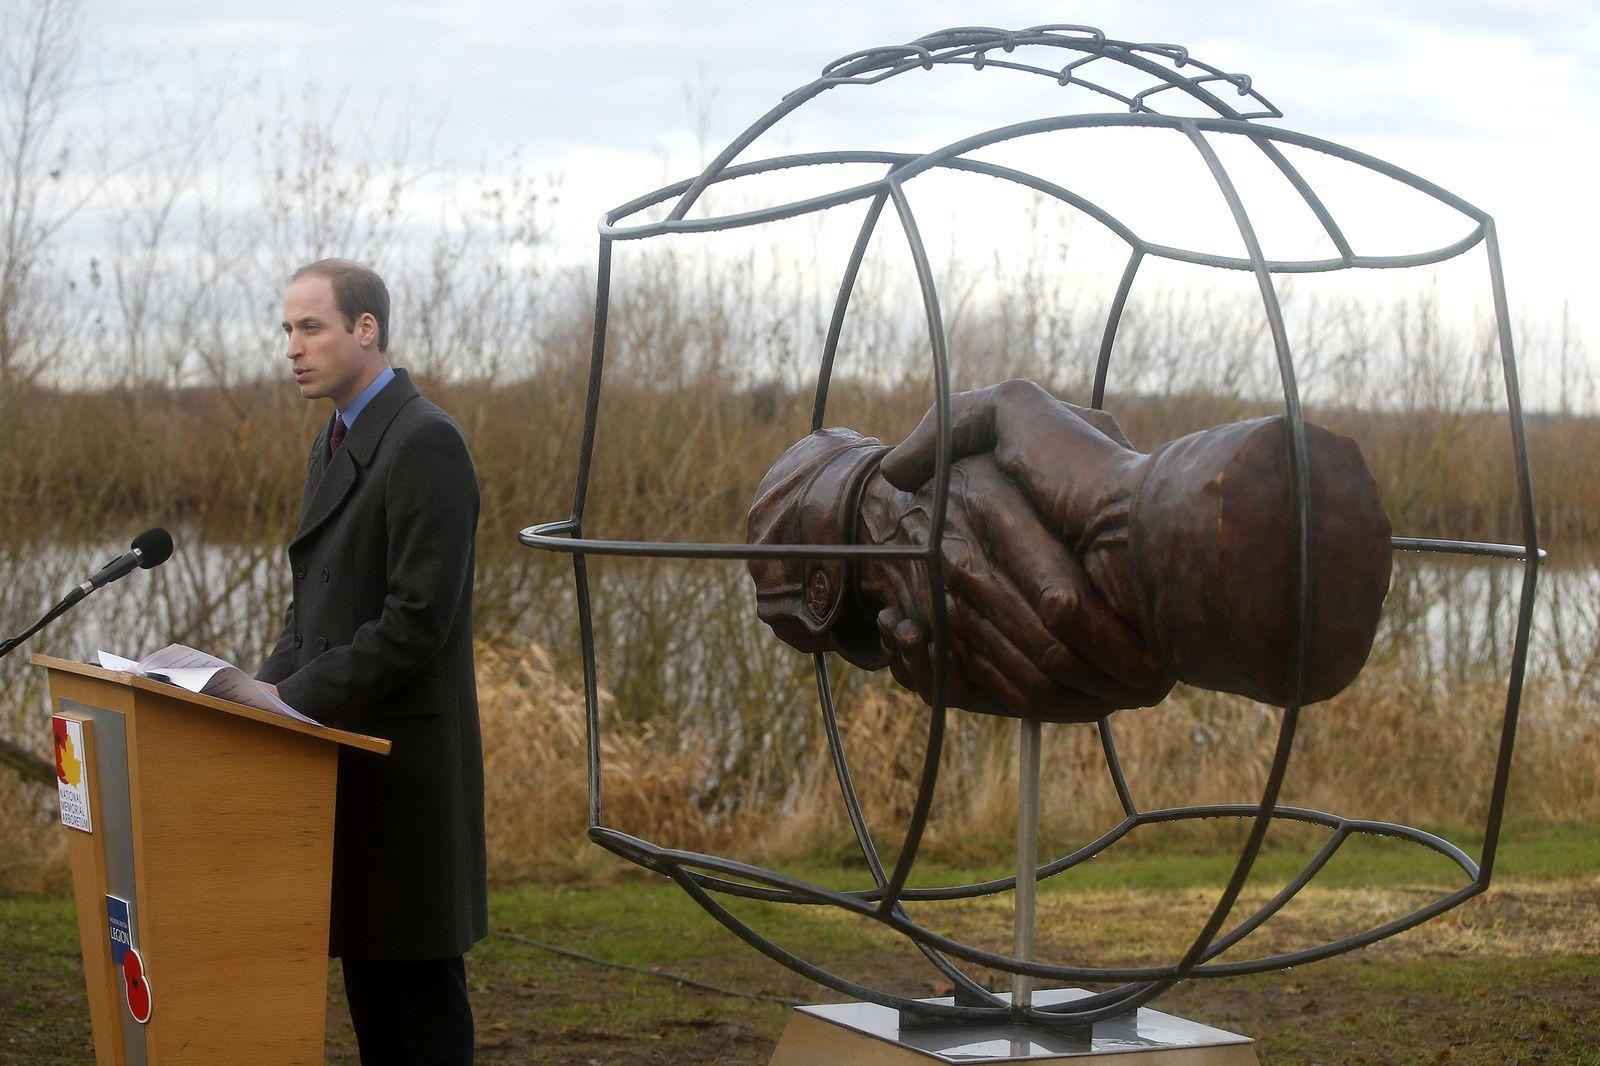 http://www.parismatch.com/Royal-Blog/Royaume-Uni/Le-prince-William-commemore-le-match-de-football-de-la-treve-de-Noel-1914-aux-cotes-d-un-belier-mascotte-de-regiment-au-National-Memorial-arboretum-a-Alrewas-670940#670972